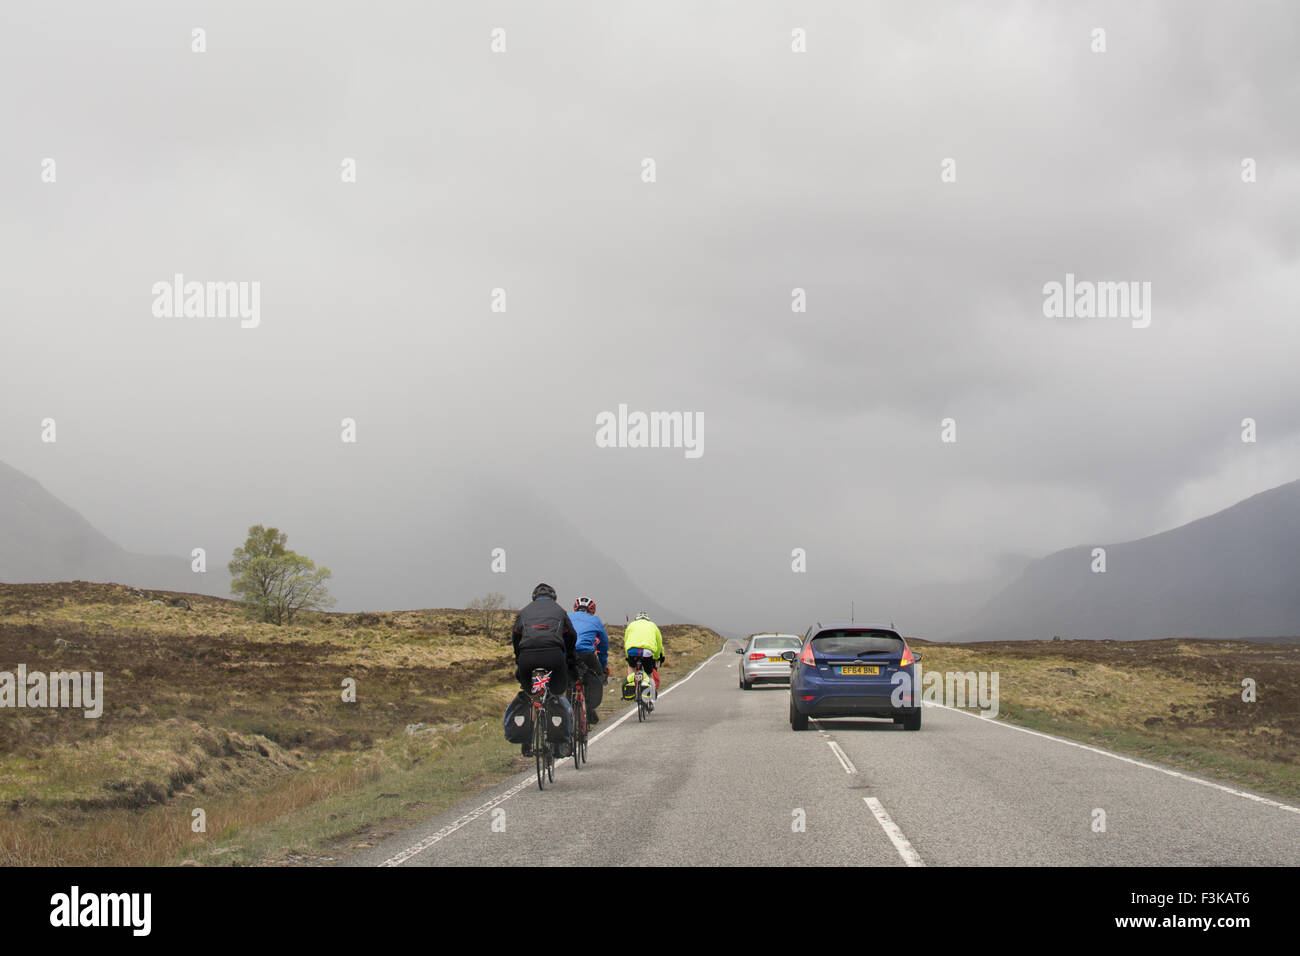 Les cyclistes voitures donnant beaucoup d'espace car ils doubler sur l'A82 route à travers Glencoe, Ecosse, Royaume-Uni Banque D'Images